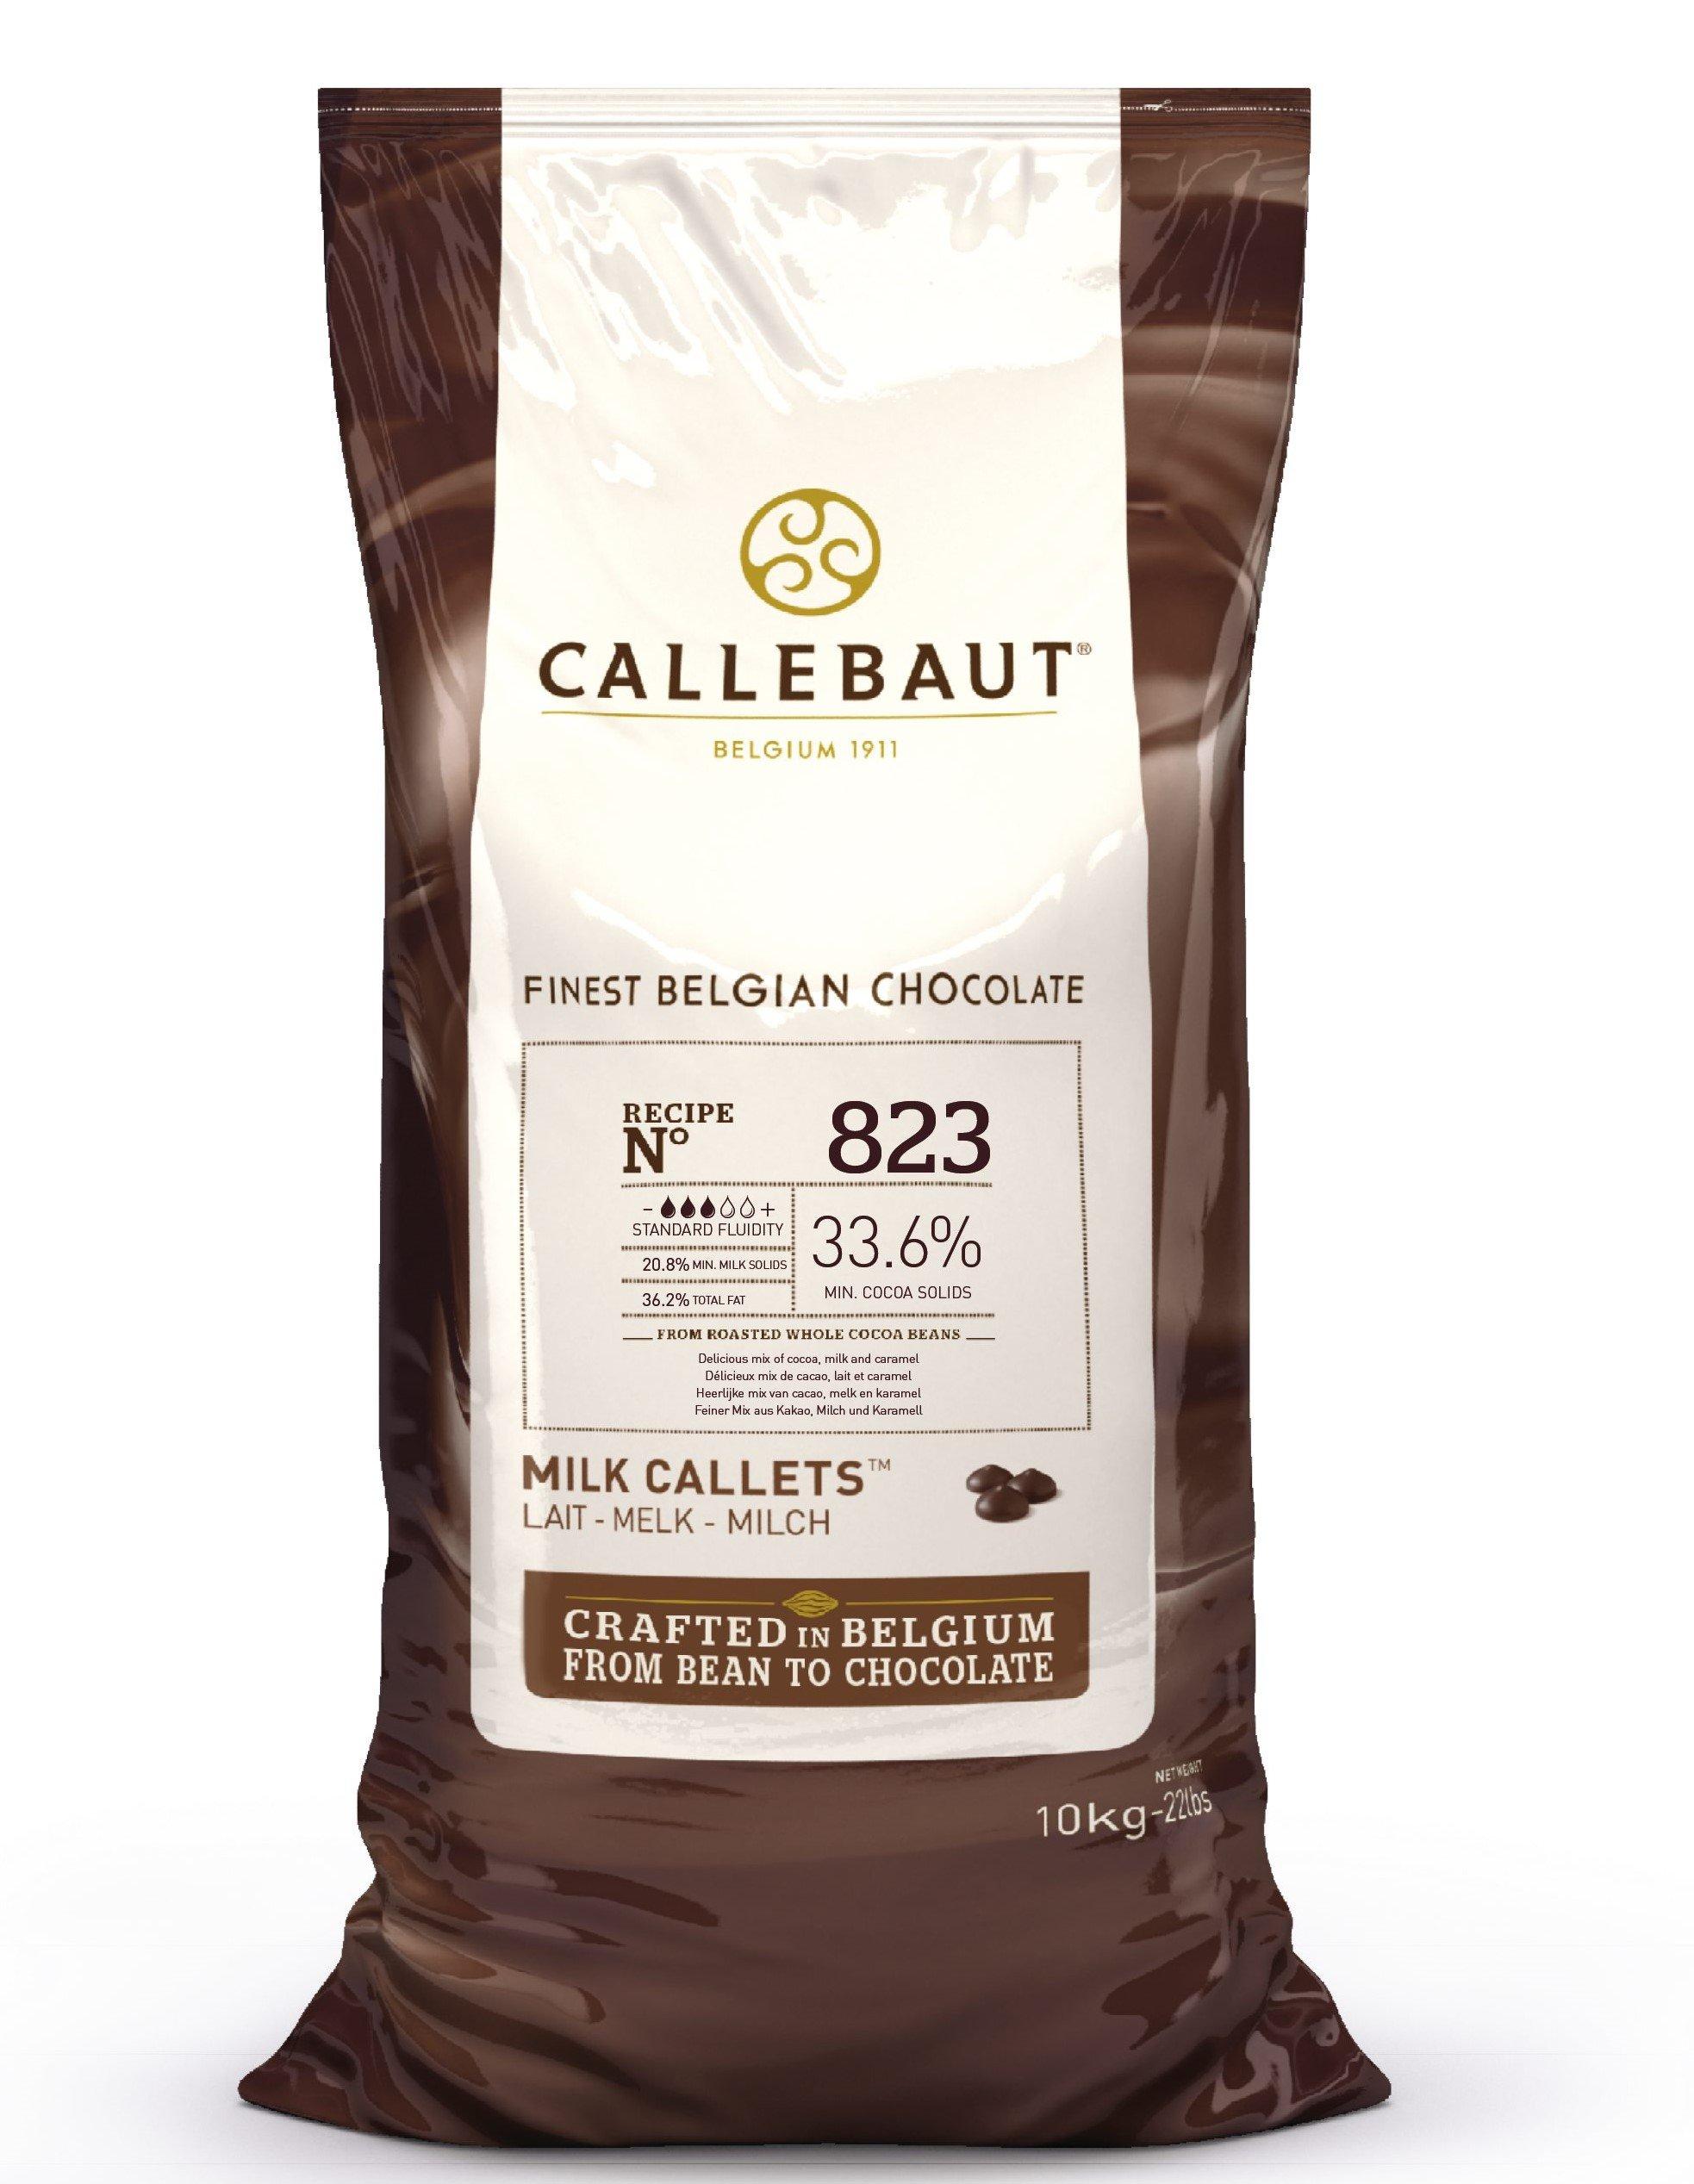 Callebaut milk chocolate chips (callets) 10kg